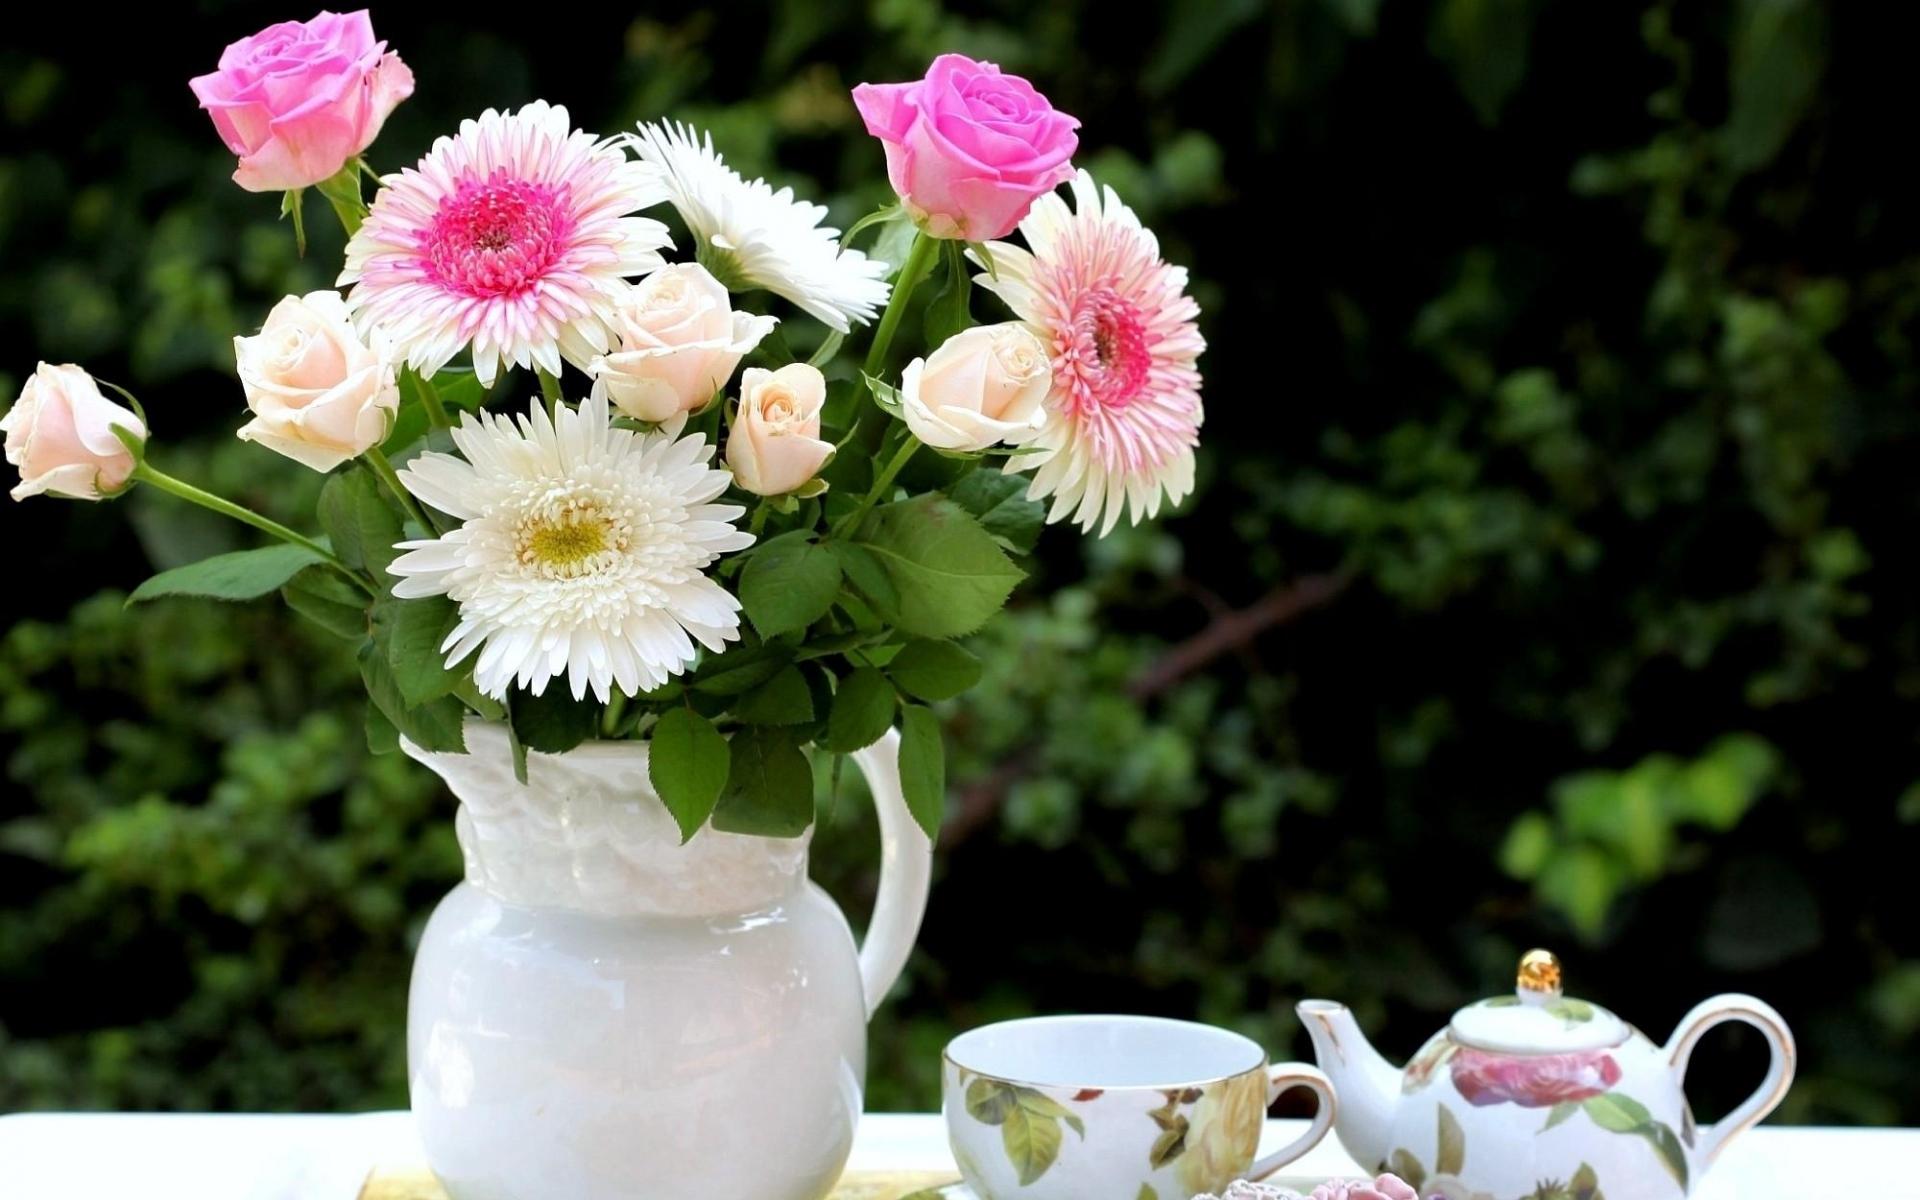 Картинки Розы, хризантемы, цветы, букет, кувшин, еда, набор чая фото и обои на рабочий стол